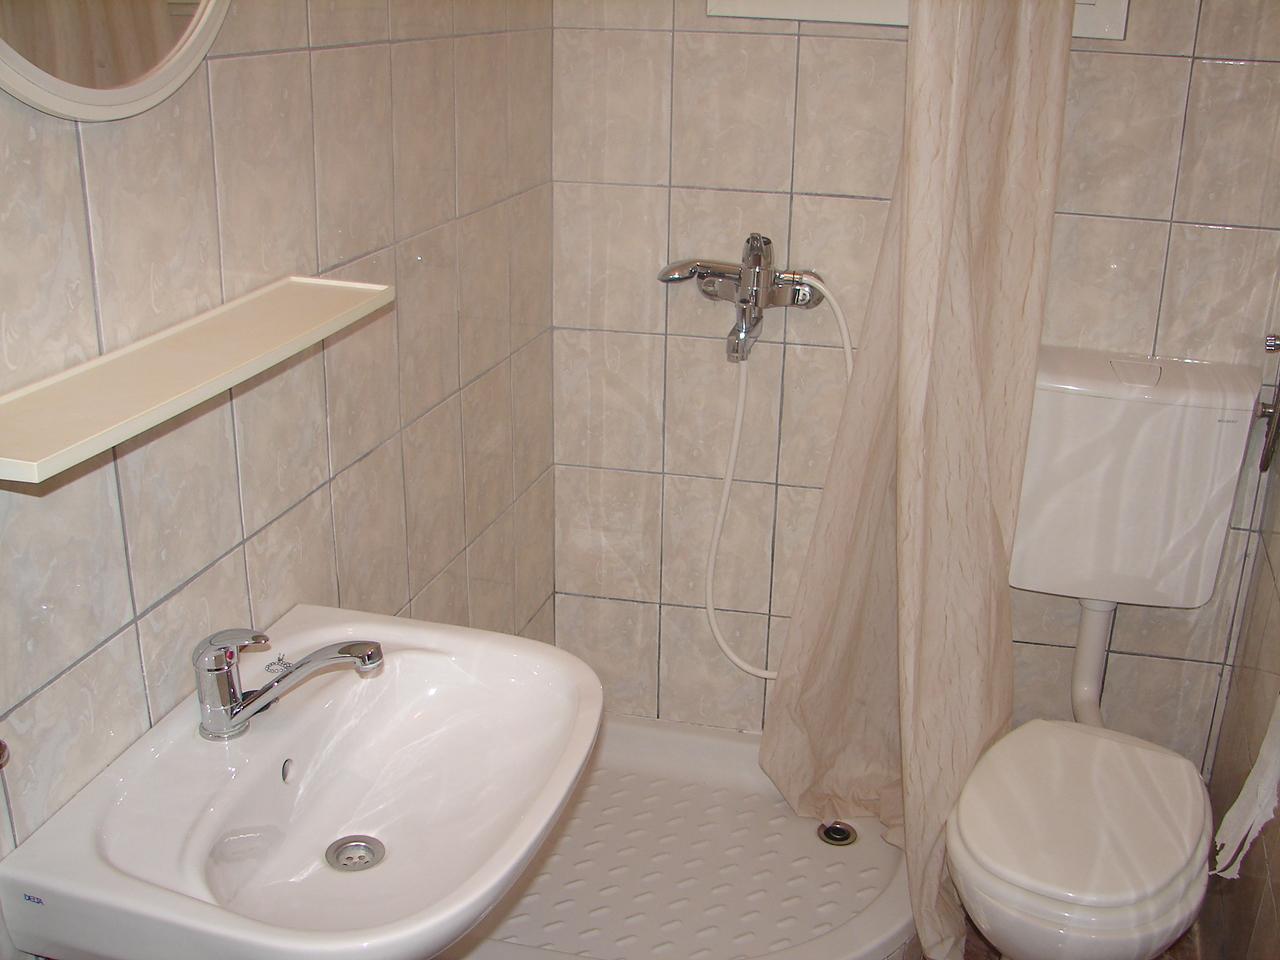 00217VIGA - Viganj - Appartamenti Croazia - A1(4+1): il bagno con la toilette